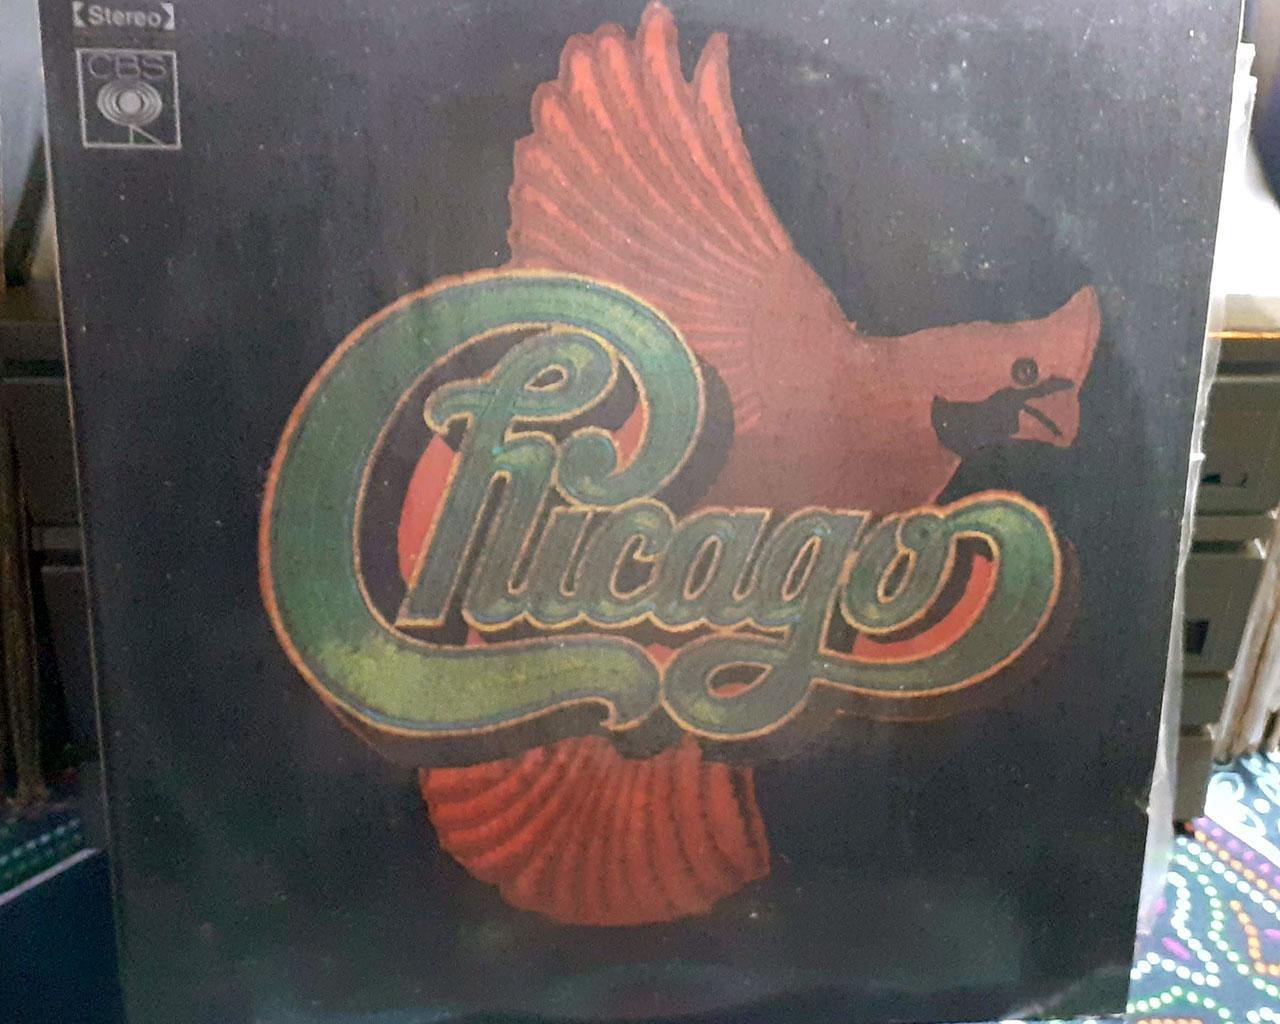 Coleção com 4 LPs da banda Chicago - Rock and Roll Anos 70